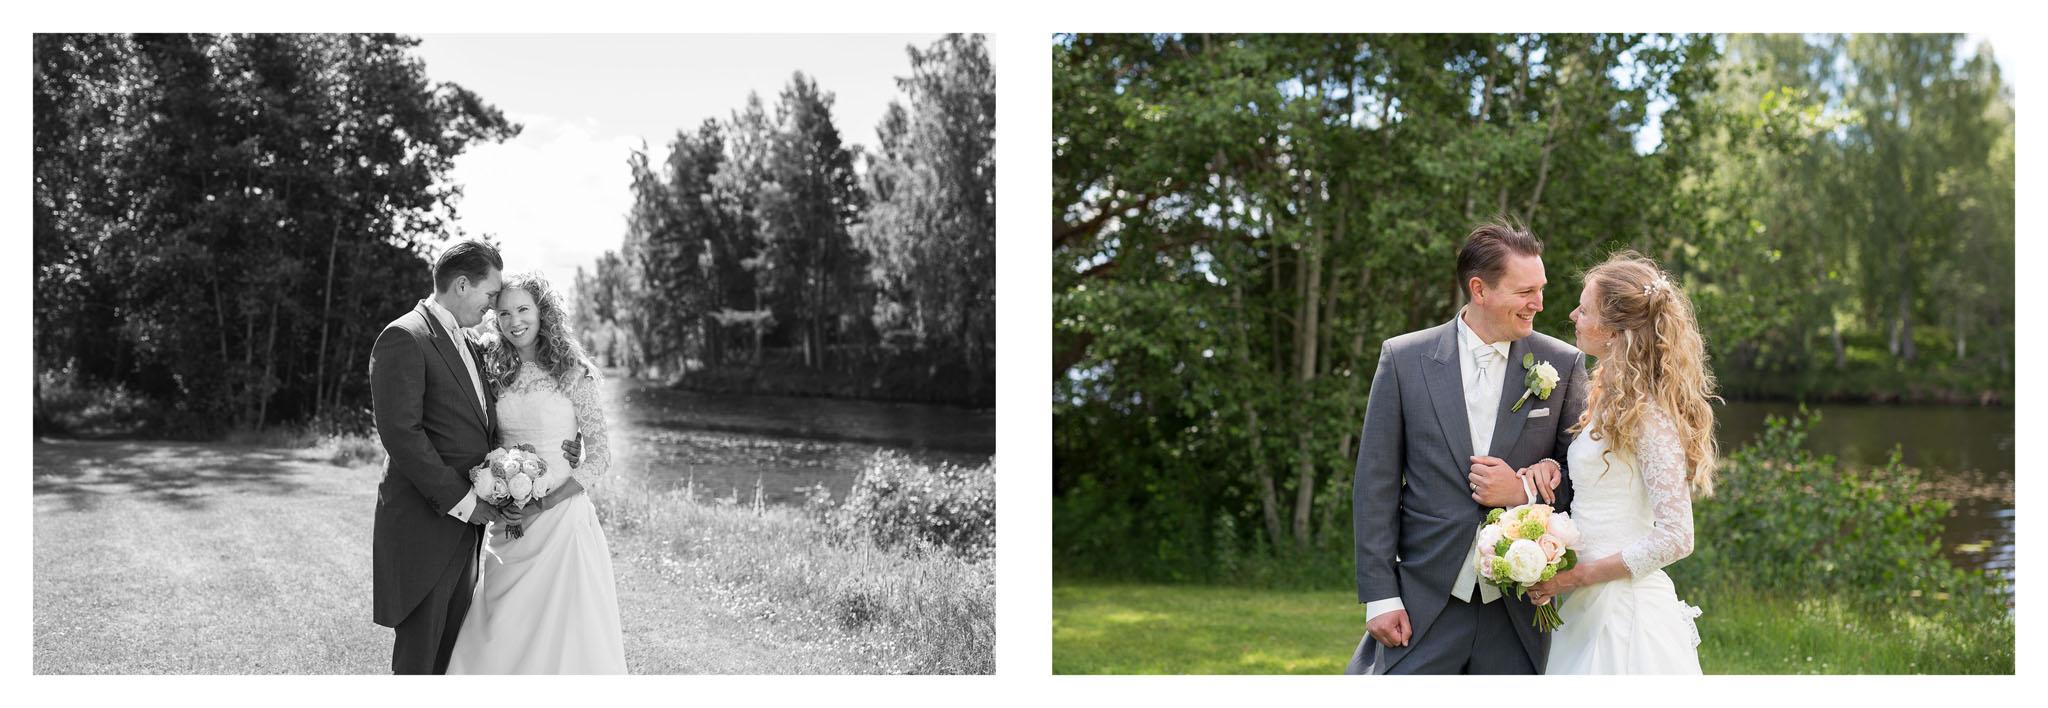 bröllop_fotograf_järvsö_hudiksvall_sundsvall_söderhamn_bollnäs_ljusdal_sabina_Wixner_5.jpg